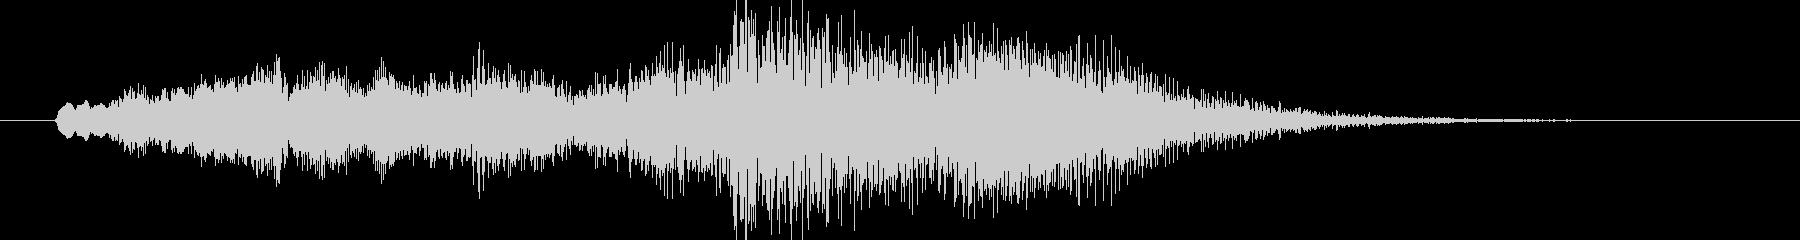 音楽ロゴ;ストリングスとシンセによ...の未再生の波形